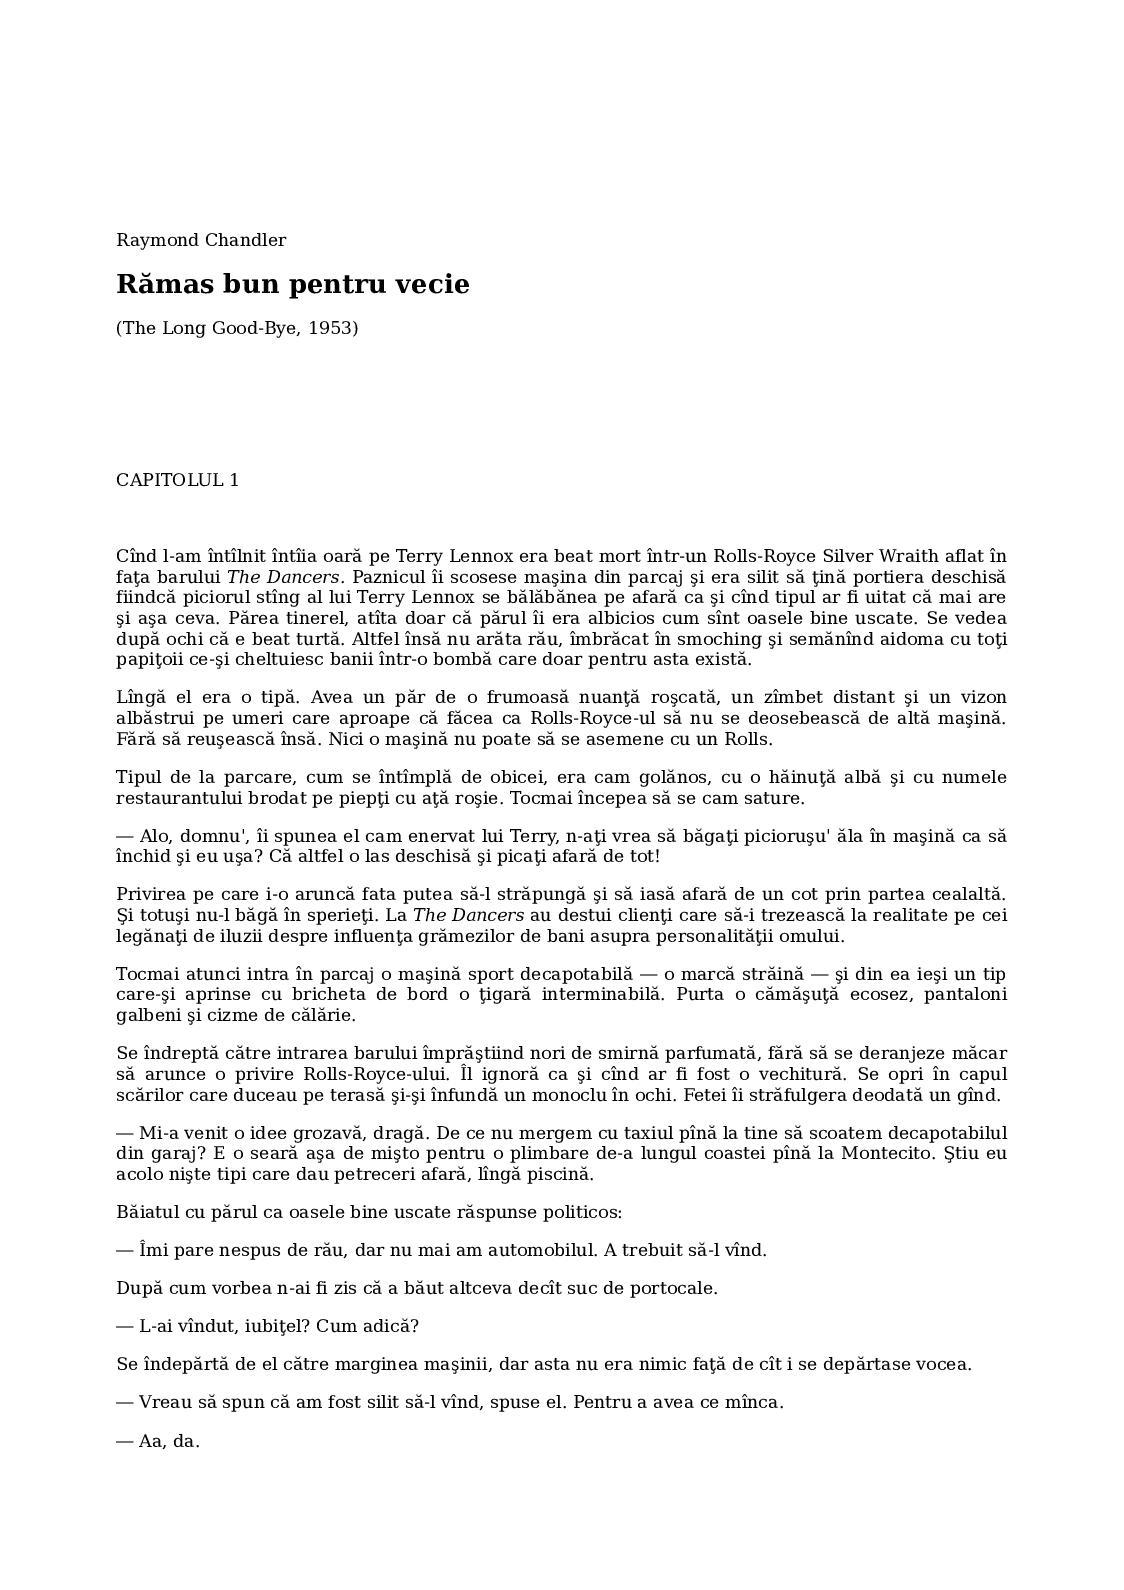 Capcana bine pentru textul de viermi - primariacetateni.ro